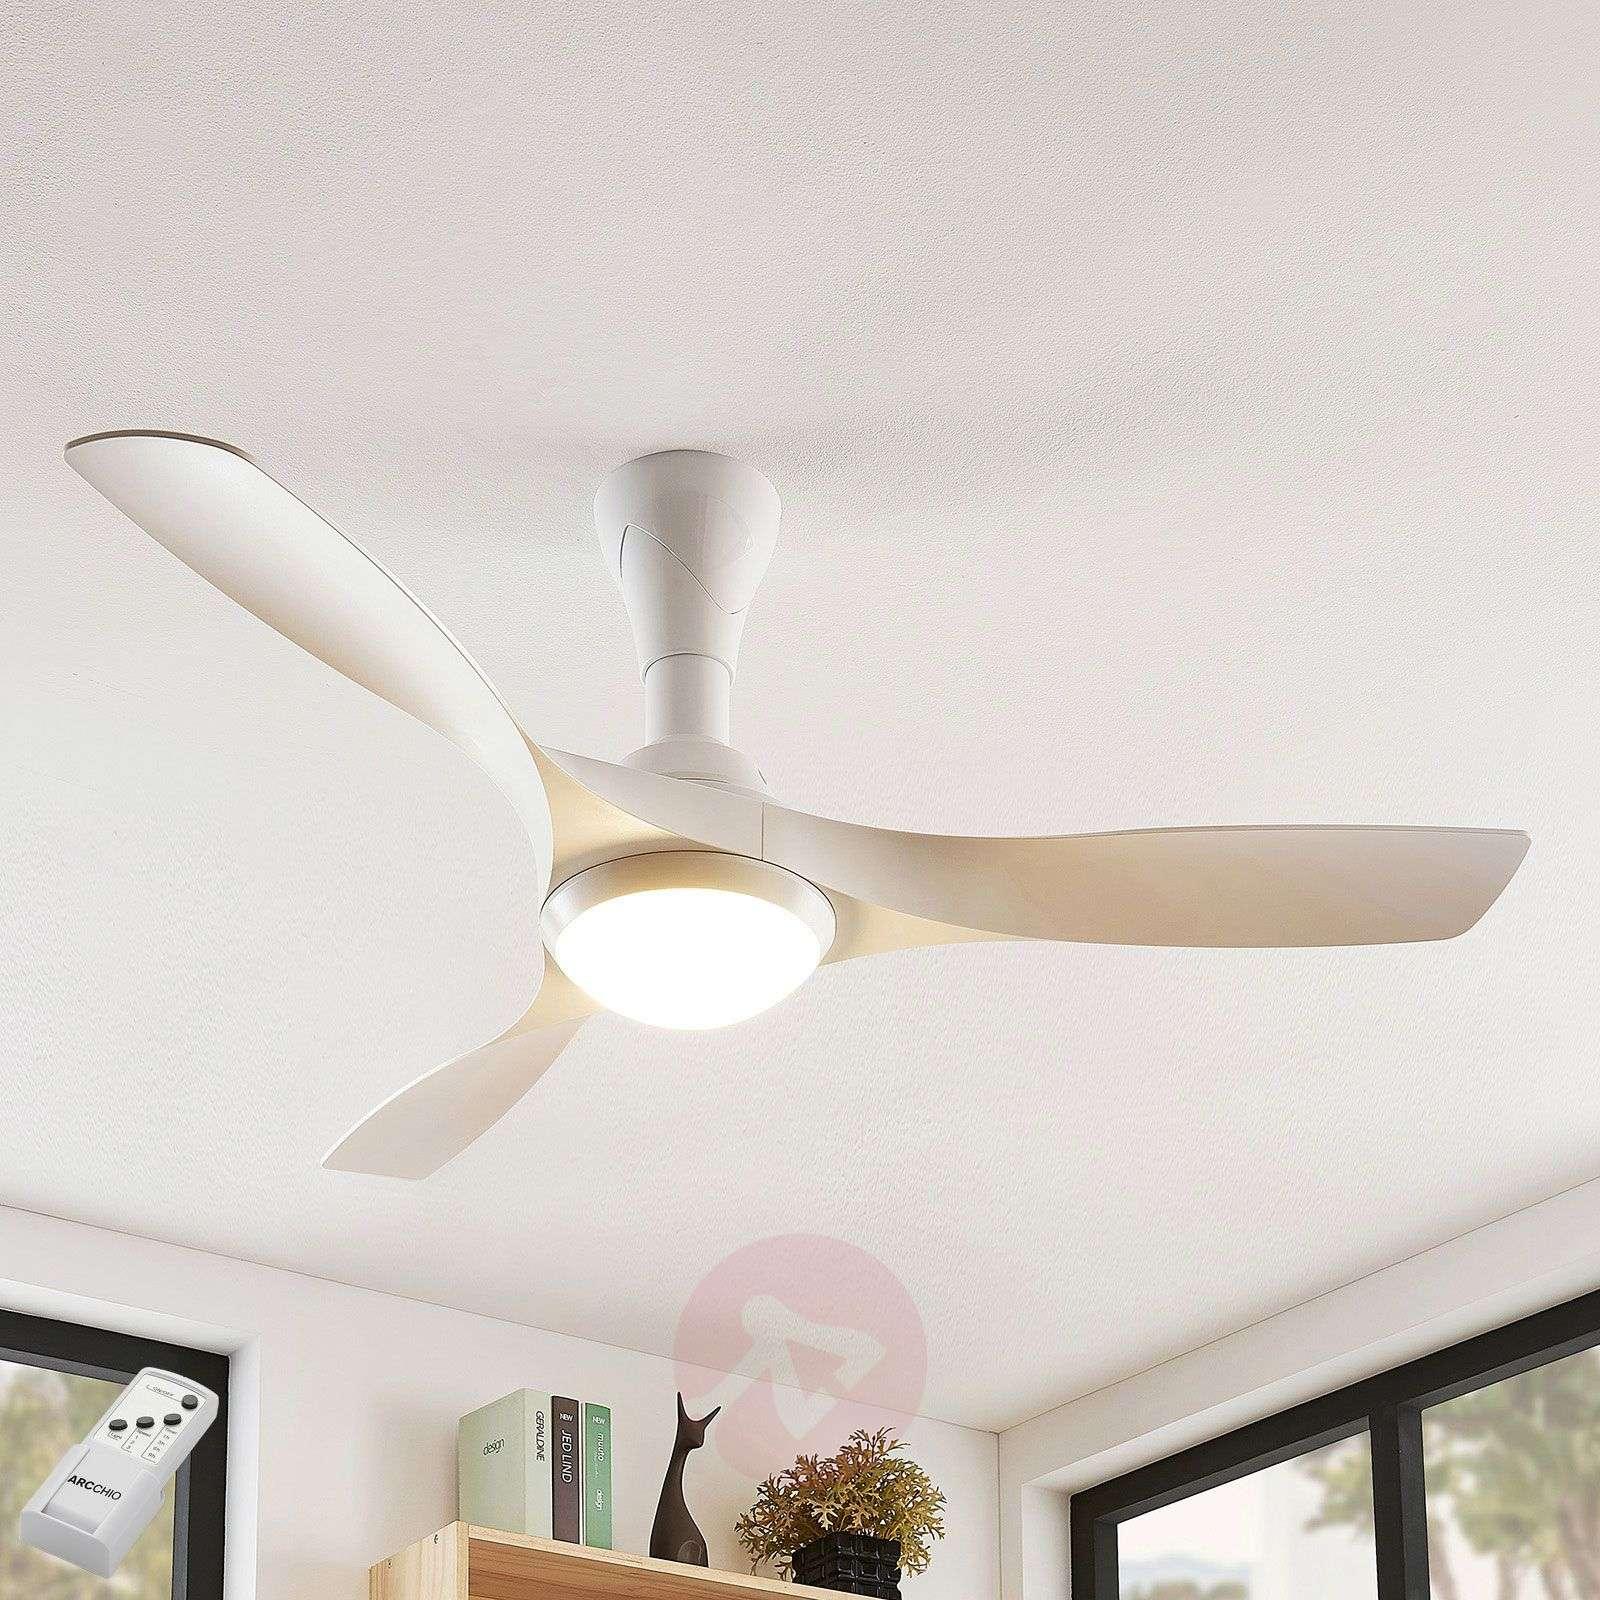 Lindby Borga LED-kattotuuletin, 3 siipeä, valk.-9624670-02